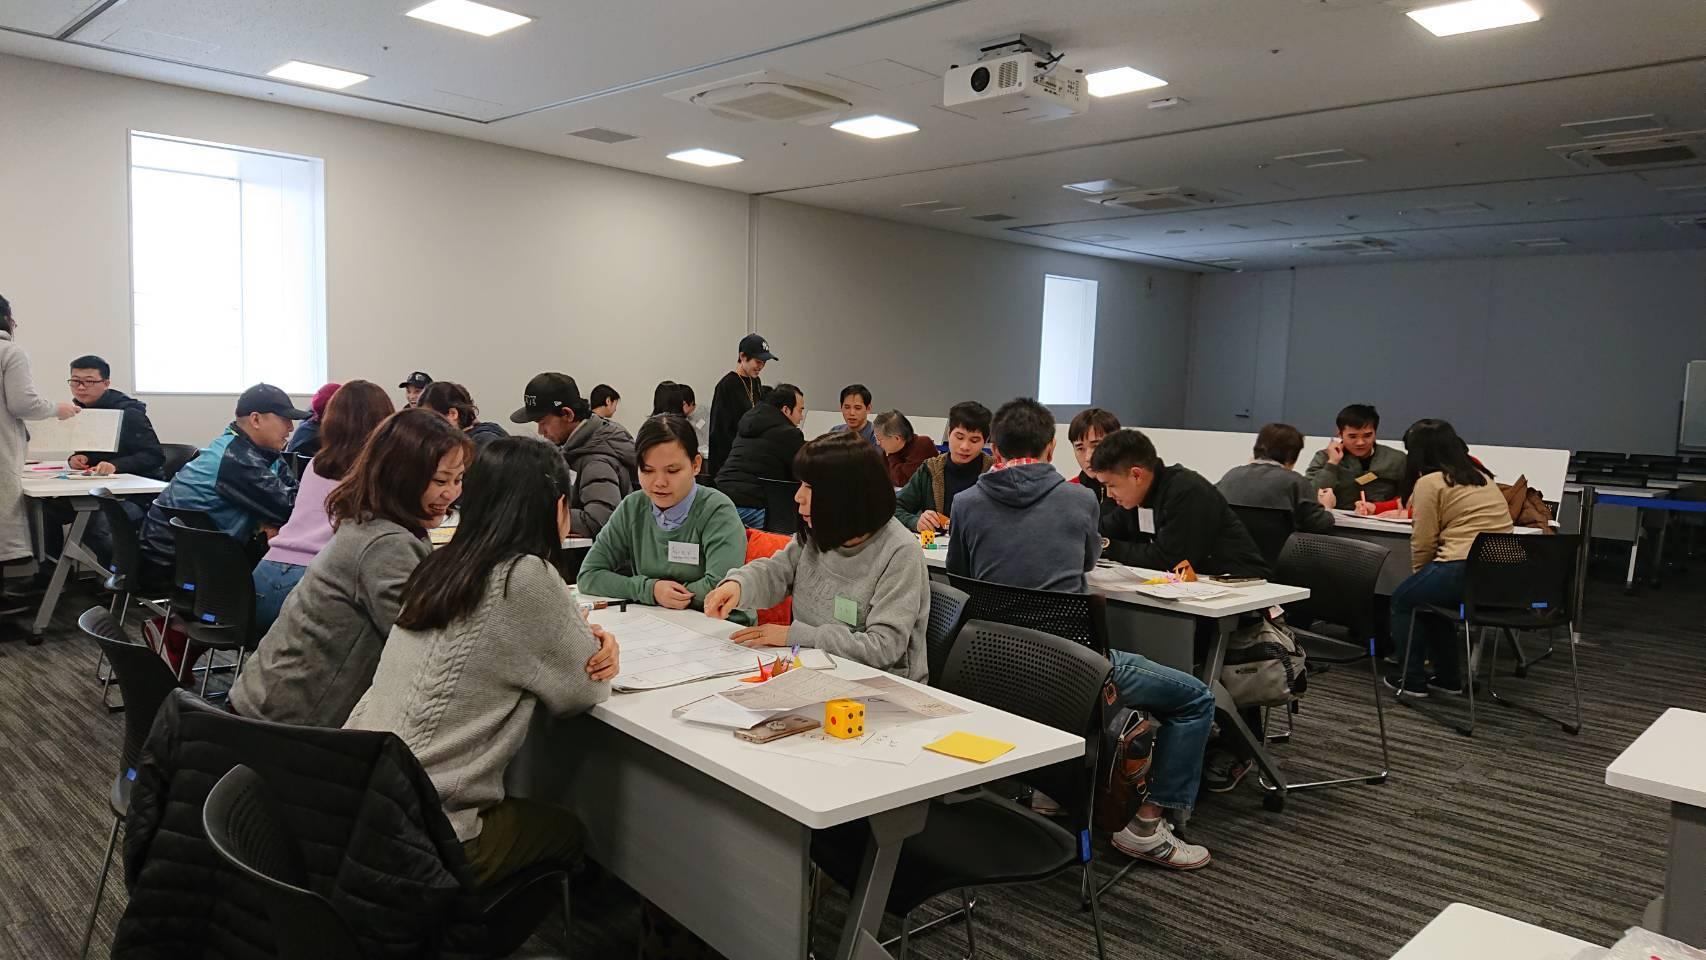 日曜朝教室(2020.1.26)日本の遊び_e0175020_11334022.jpeg